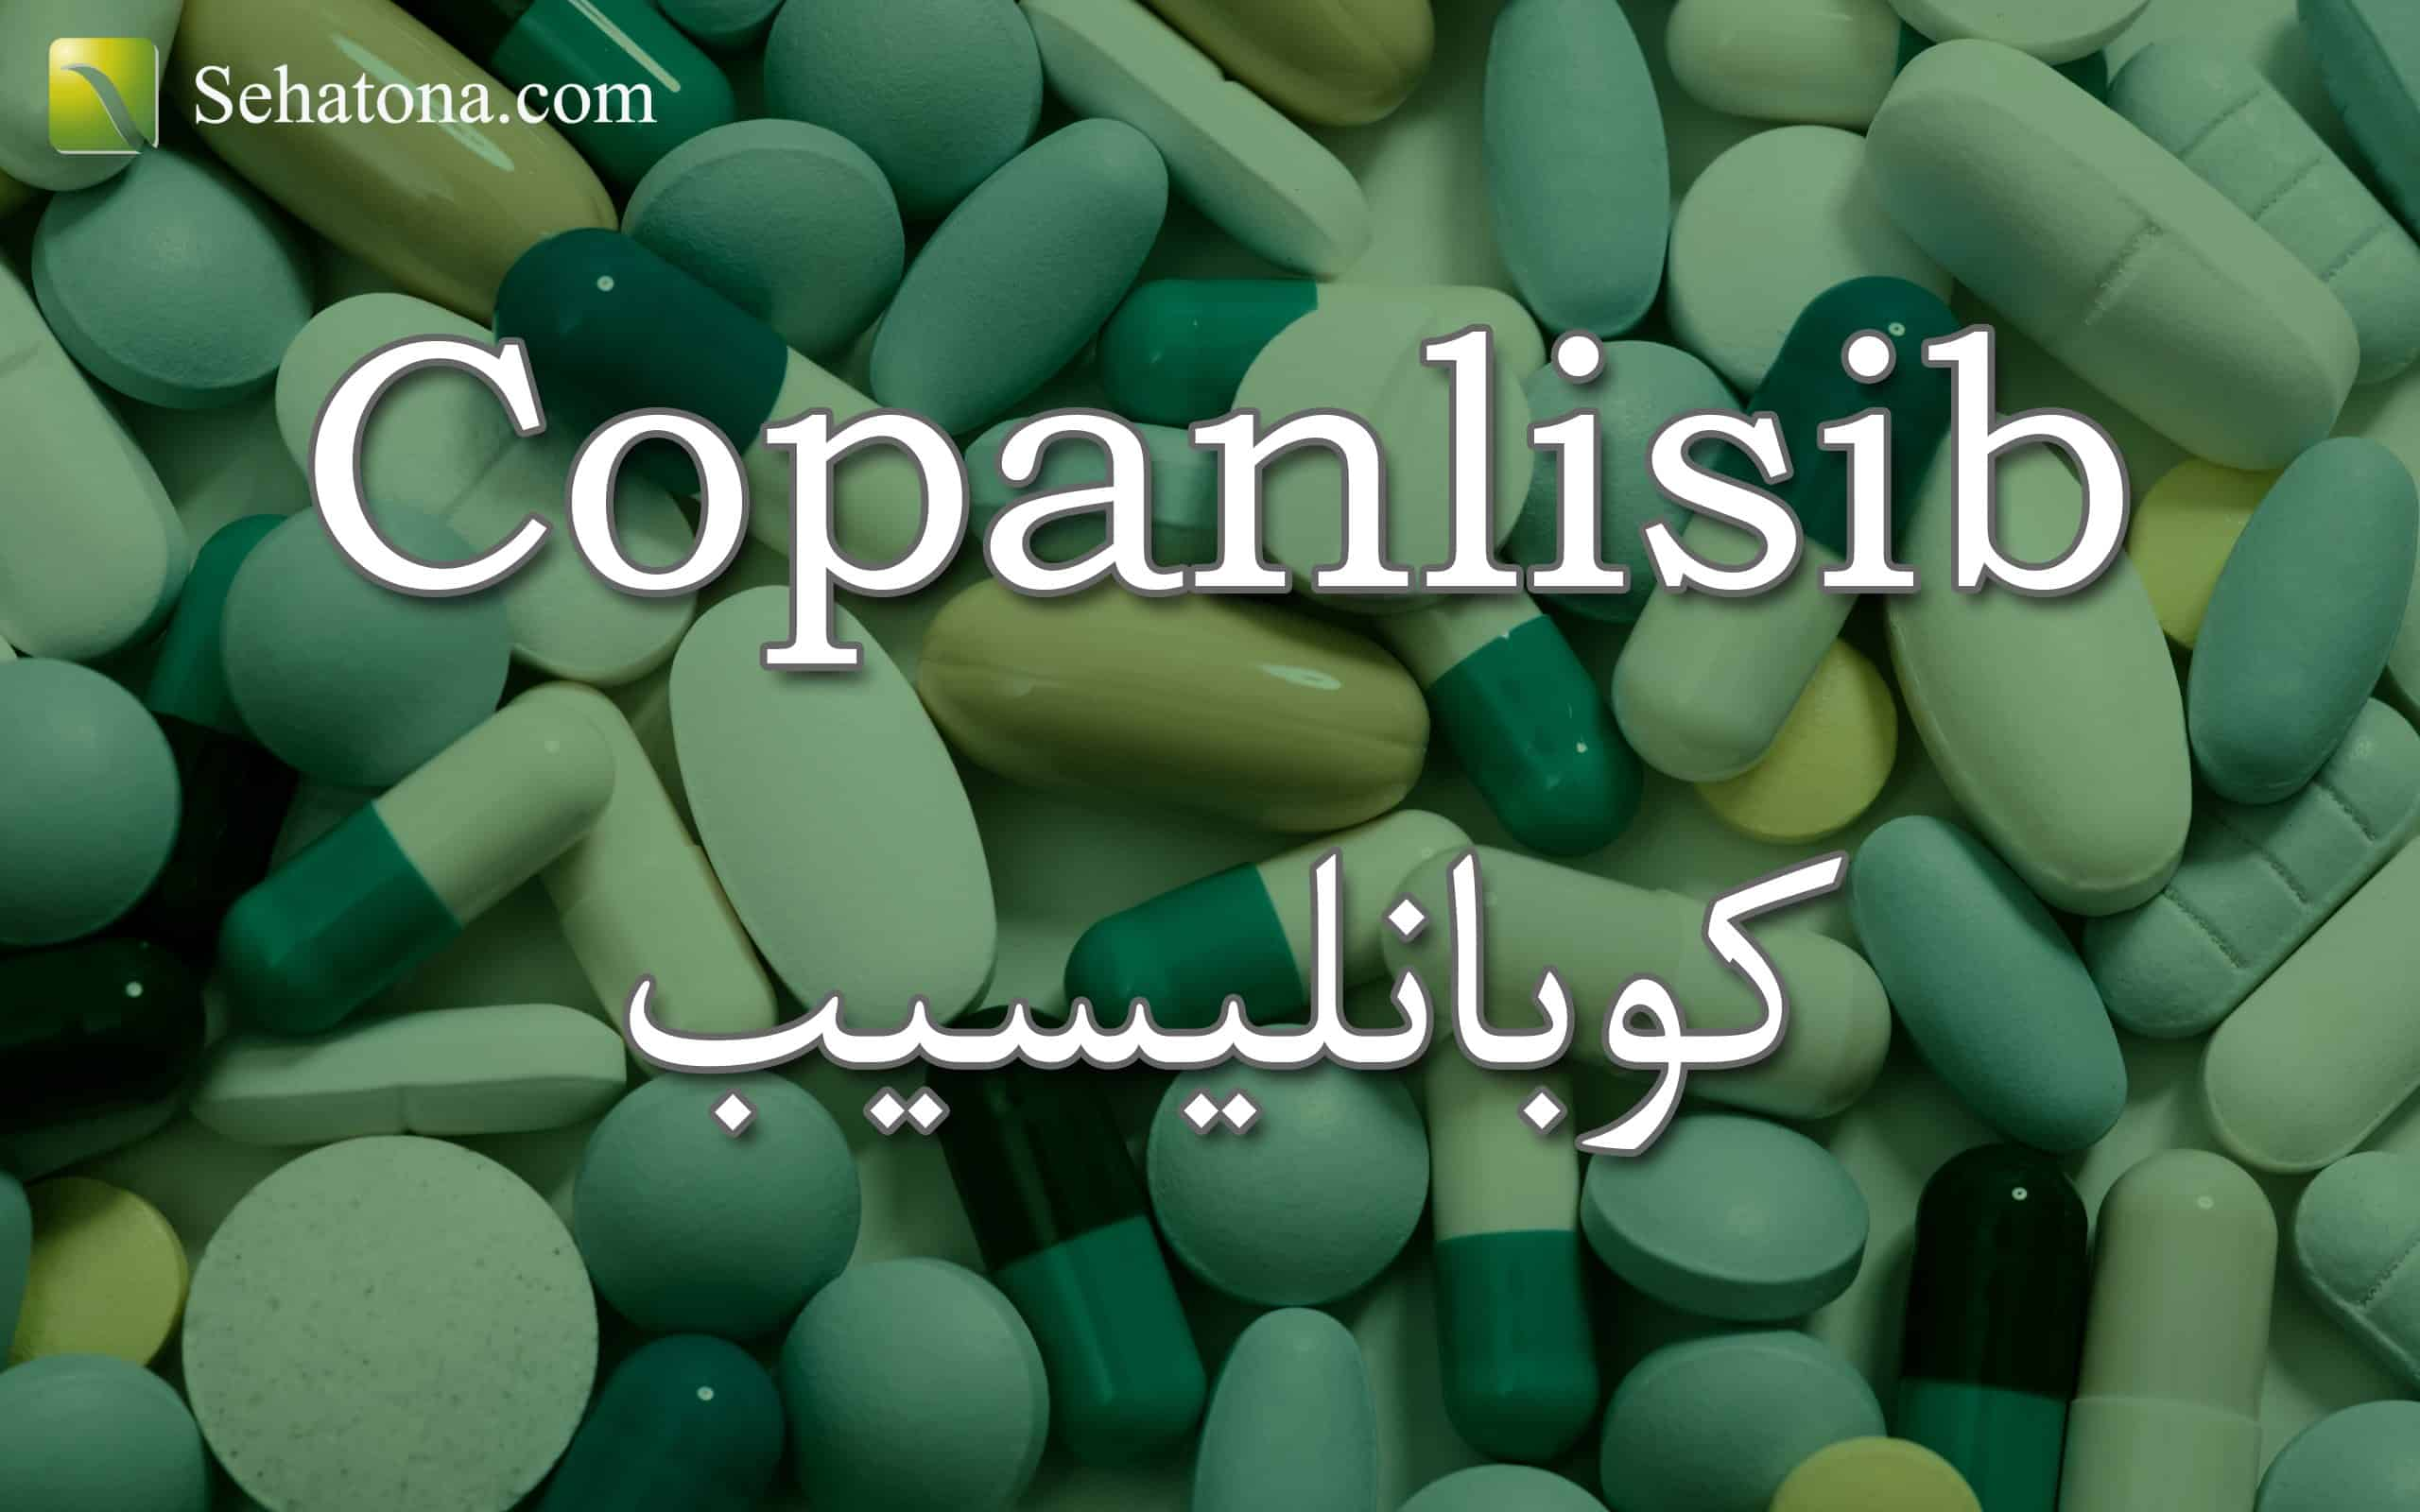 Copanlisib